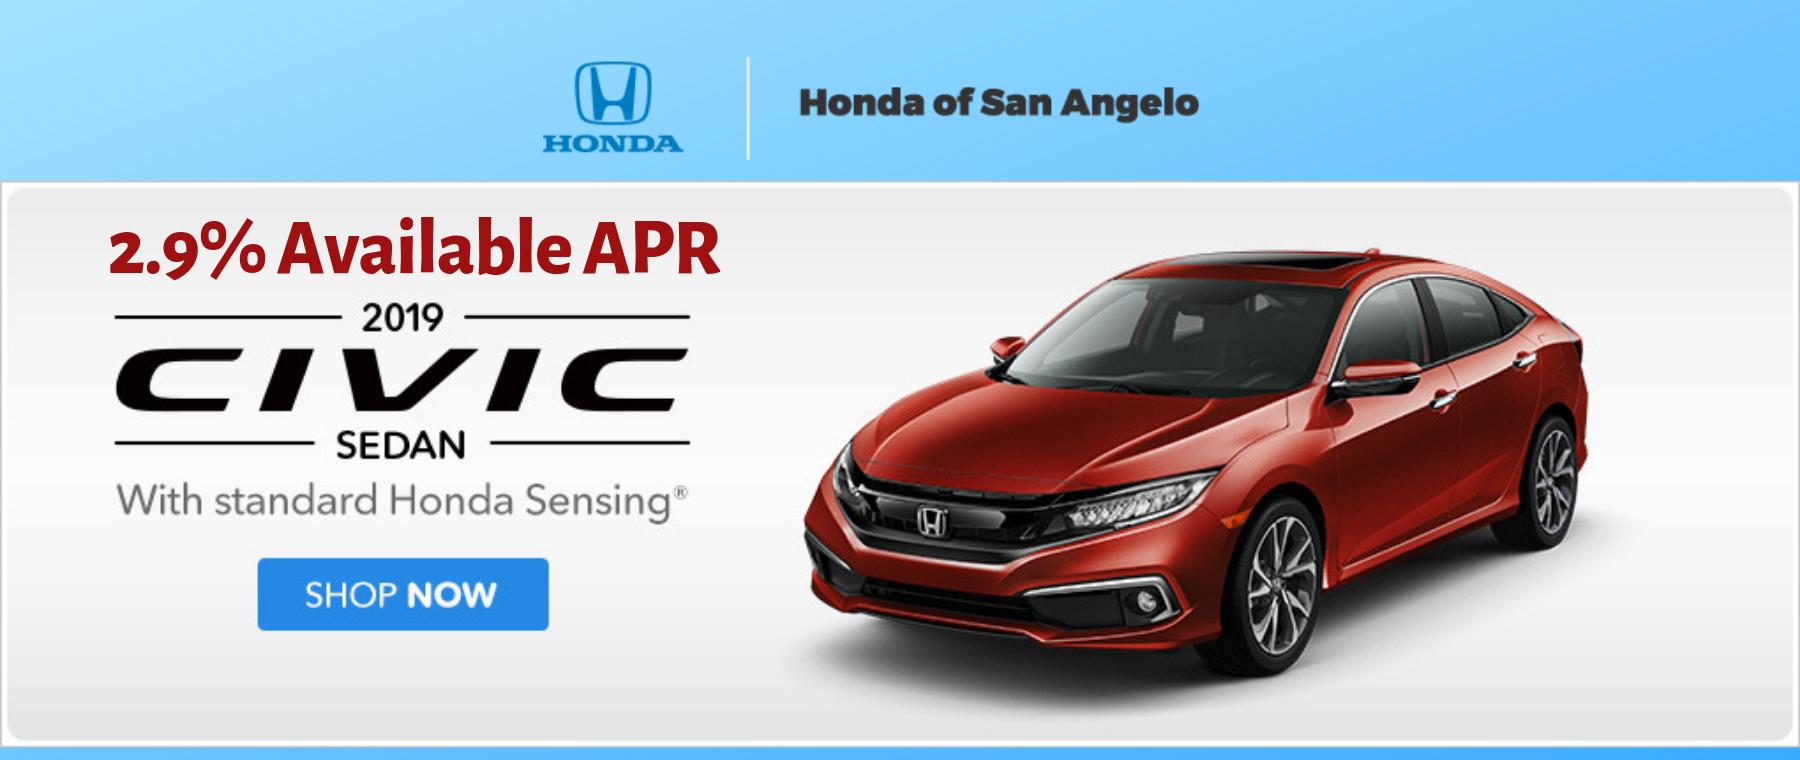 2019 Honda Civic Sedan 2.9% APR